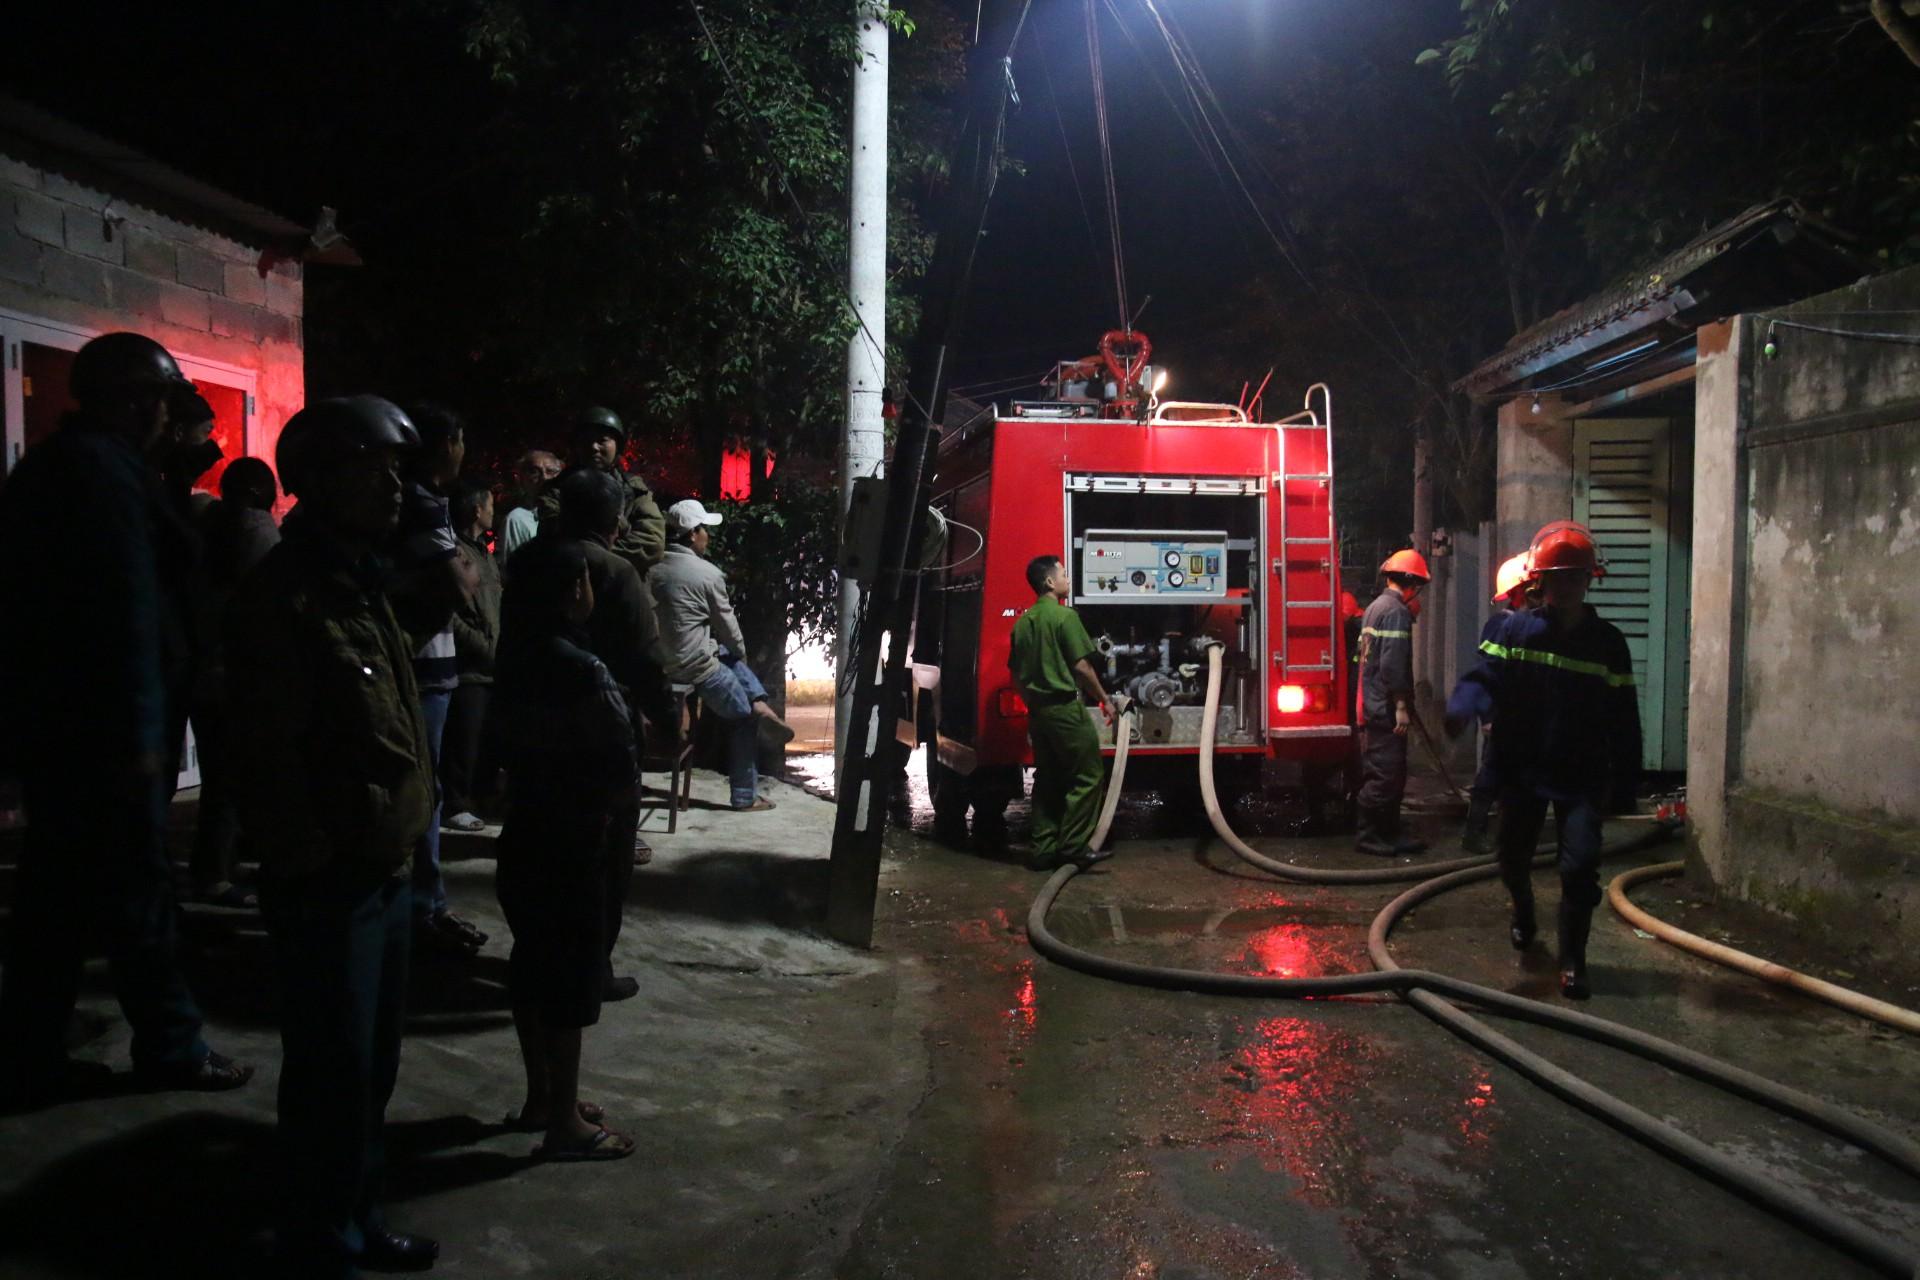 Đà Nẵng: Cháy lớn tại xưởng gỗ, hàng trăm cảnh sát PCCC được huy động dập lửa - Ảnh 1.